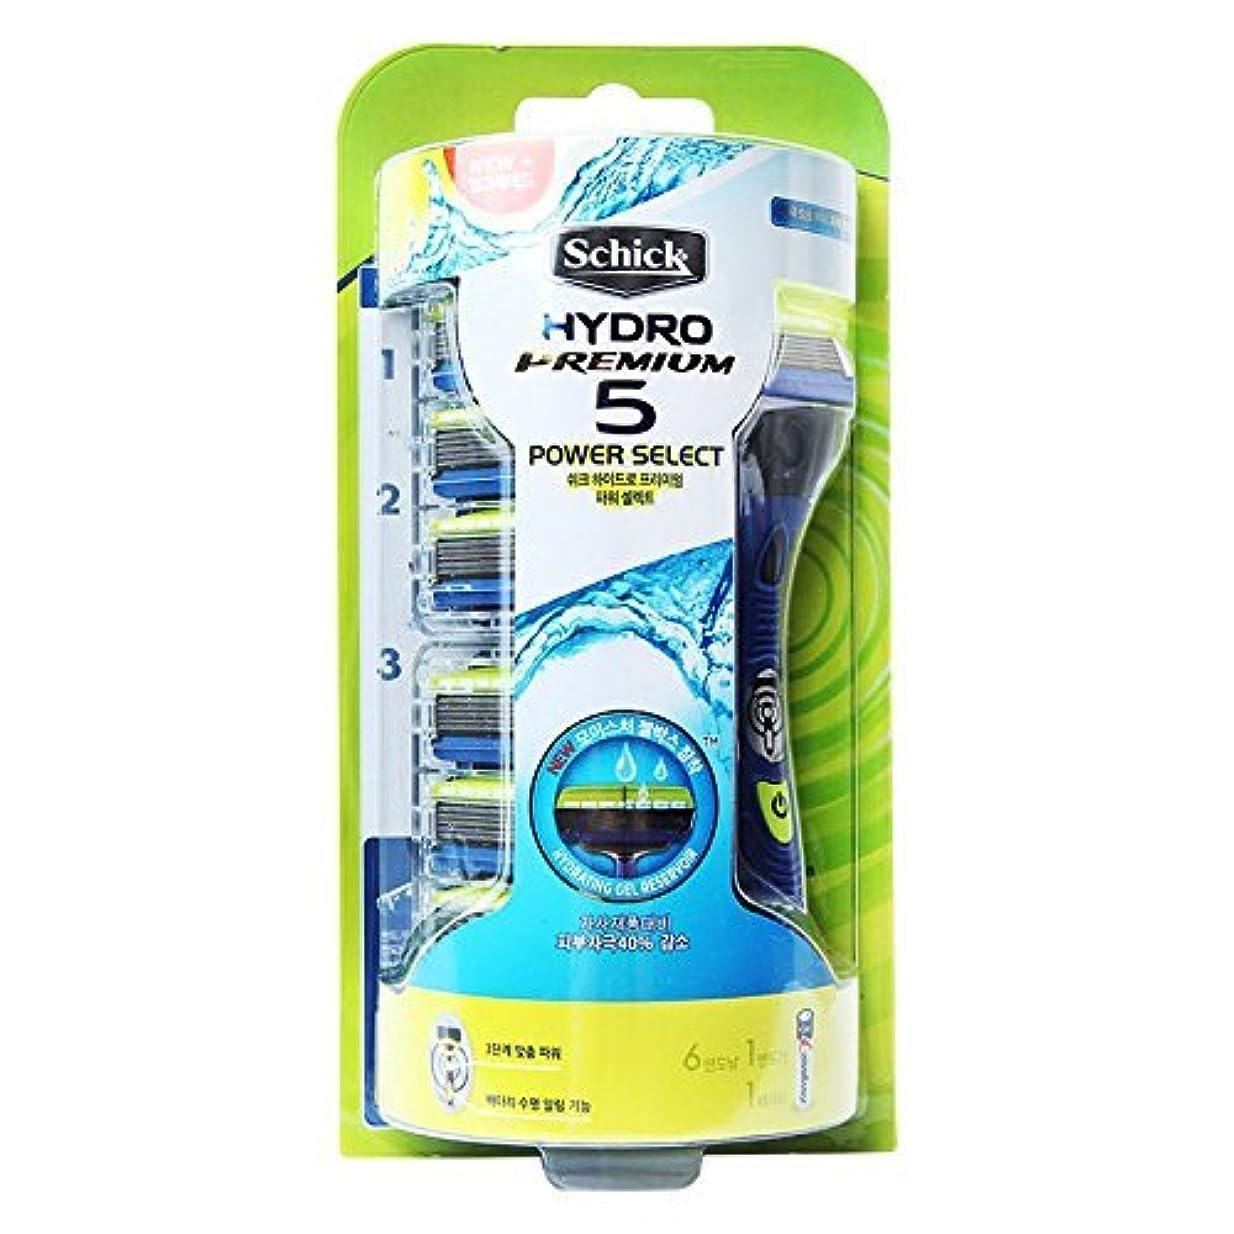 パネル満足できる活気づくSchick HYDRO 5 Premium Power Select Razor / カミソリの刃6個が含ま [並行輸入品]